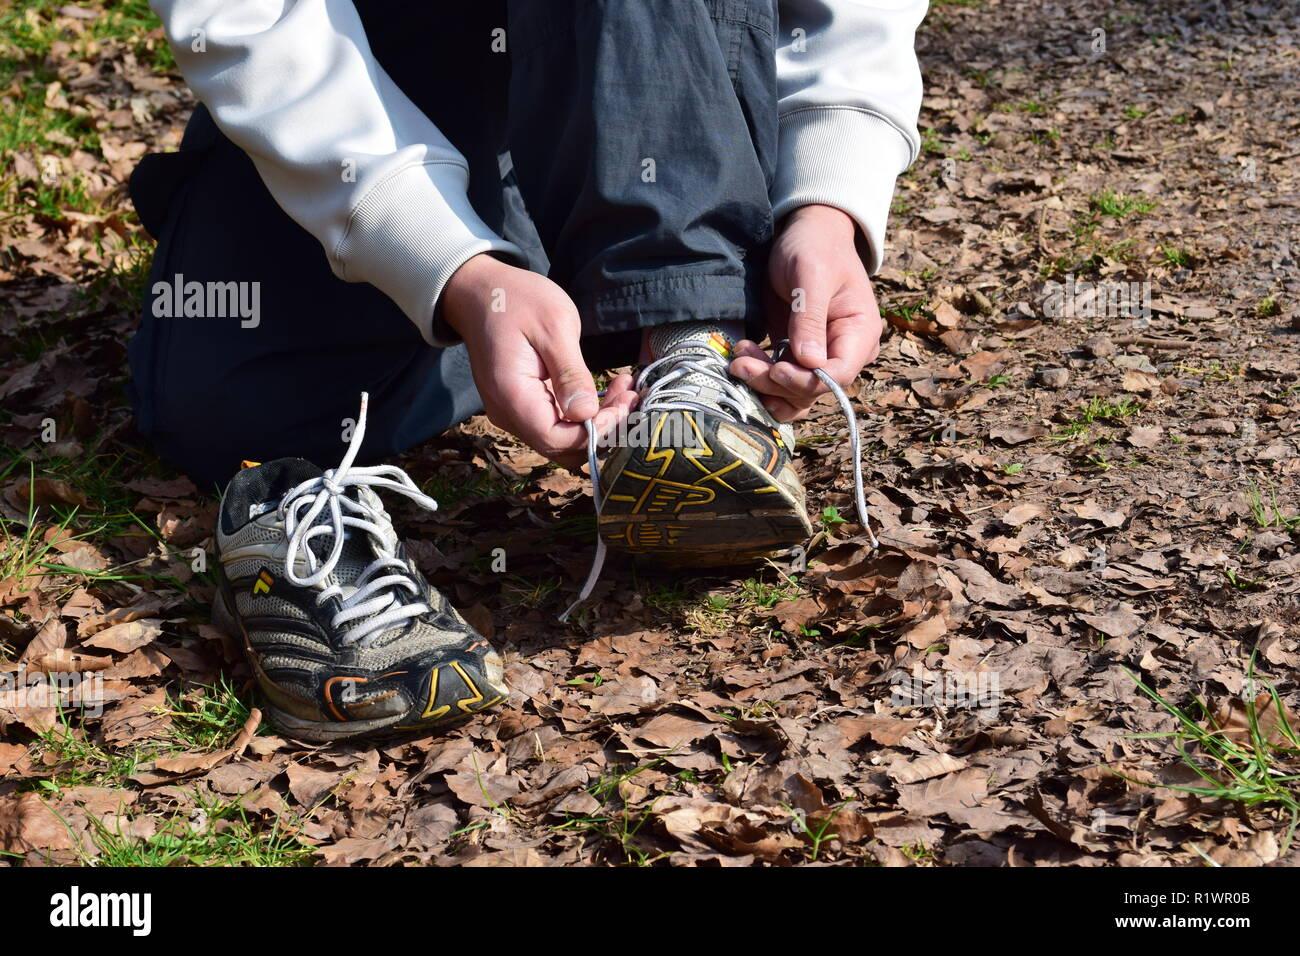 A Man is  trail running in worn out shoes with holes under the sole in the autumn forest. Ein Mann läuft im Herbstwald mit alten abgenutzten Schuhen - Stock Image